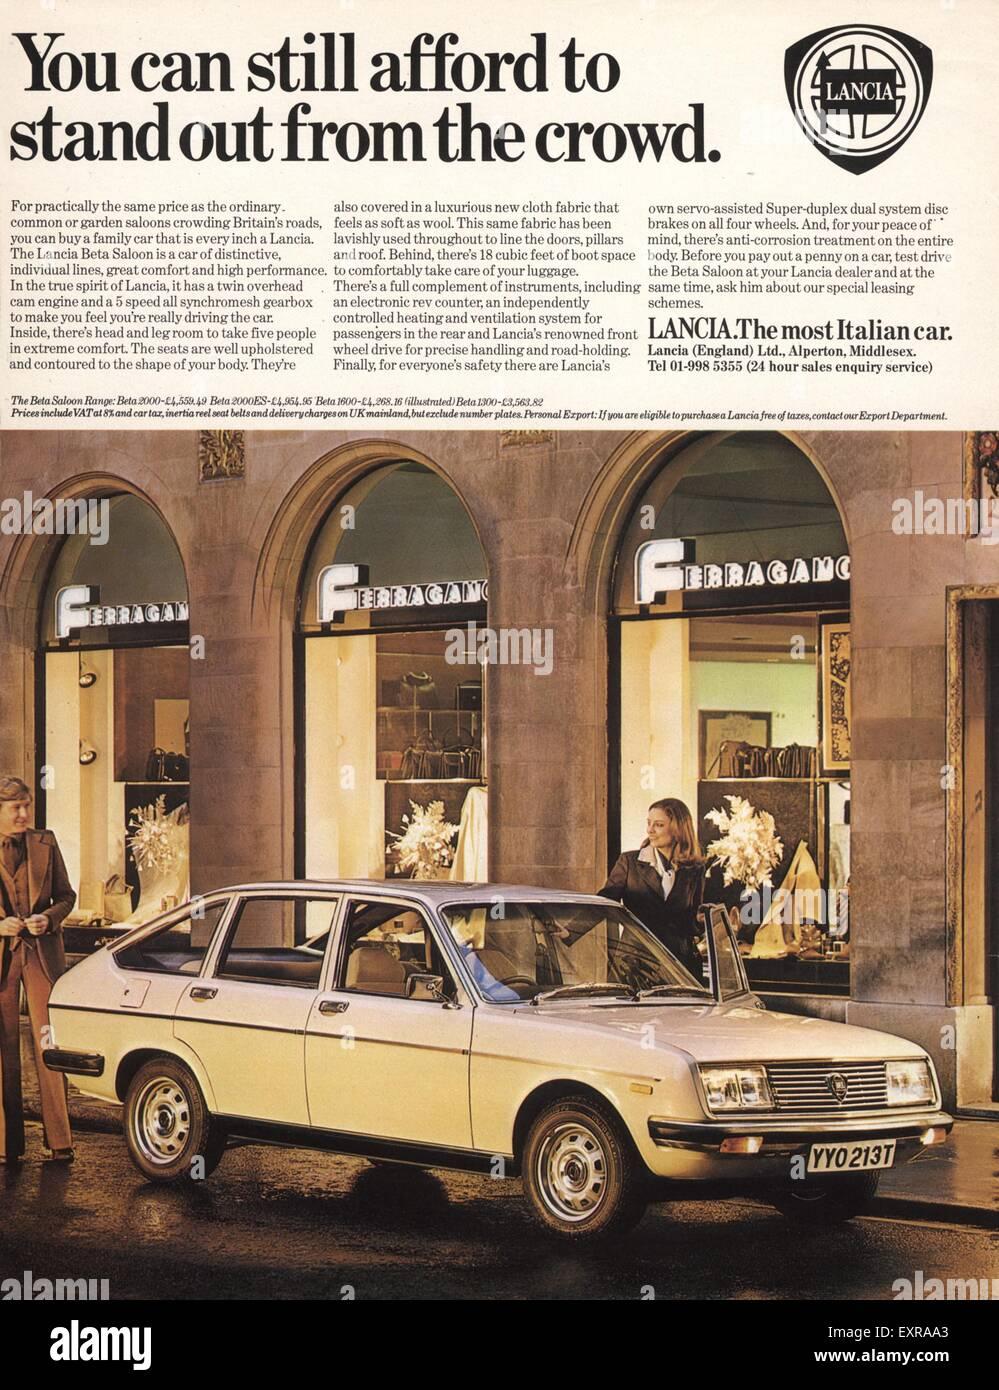 1970s UK Lancia Magazine Advert - Stock Image